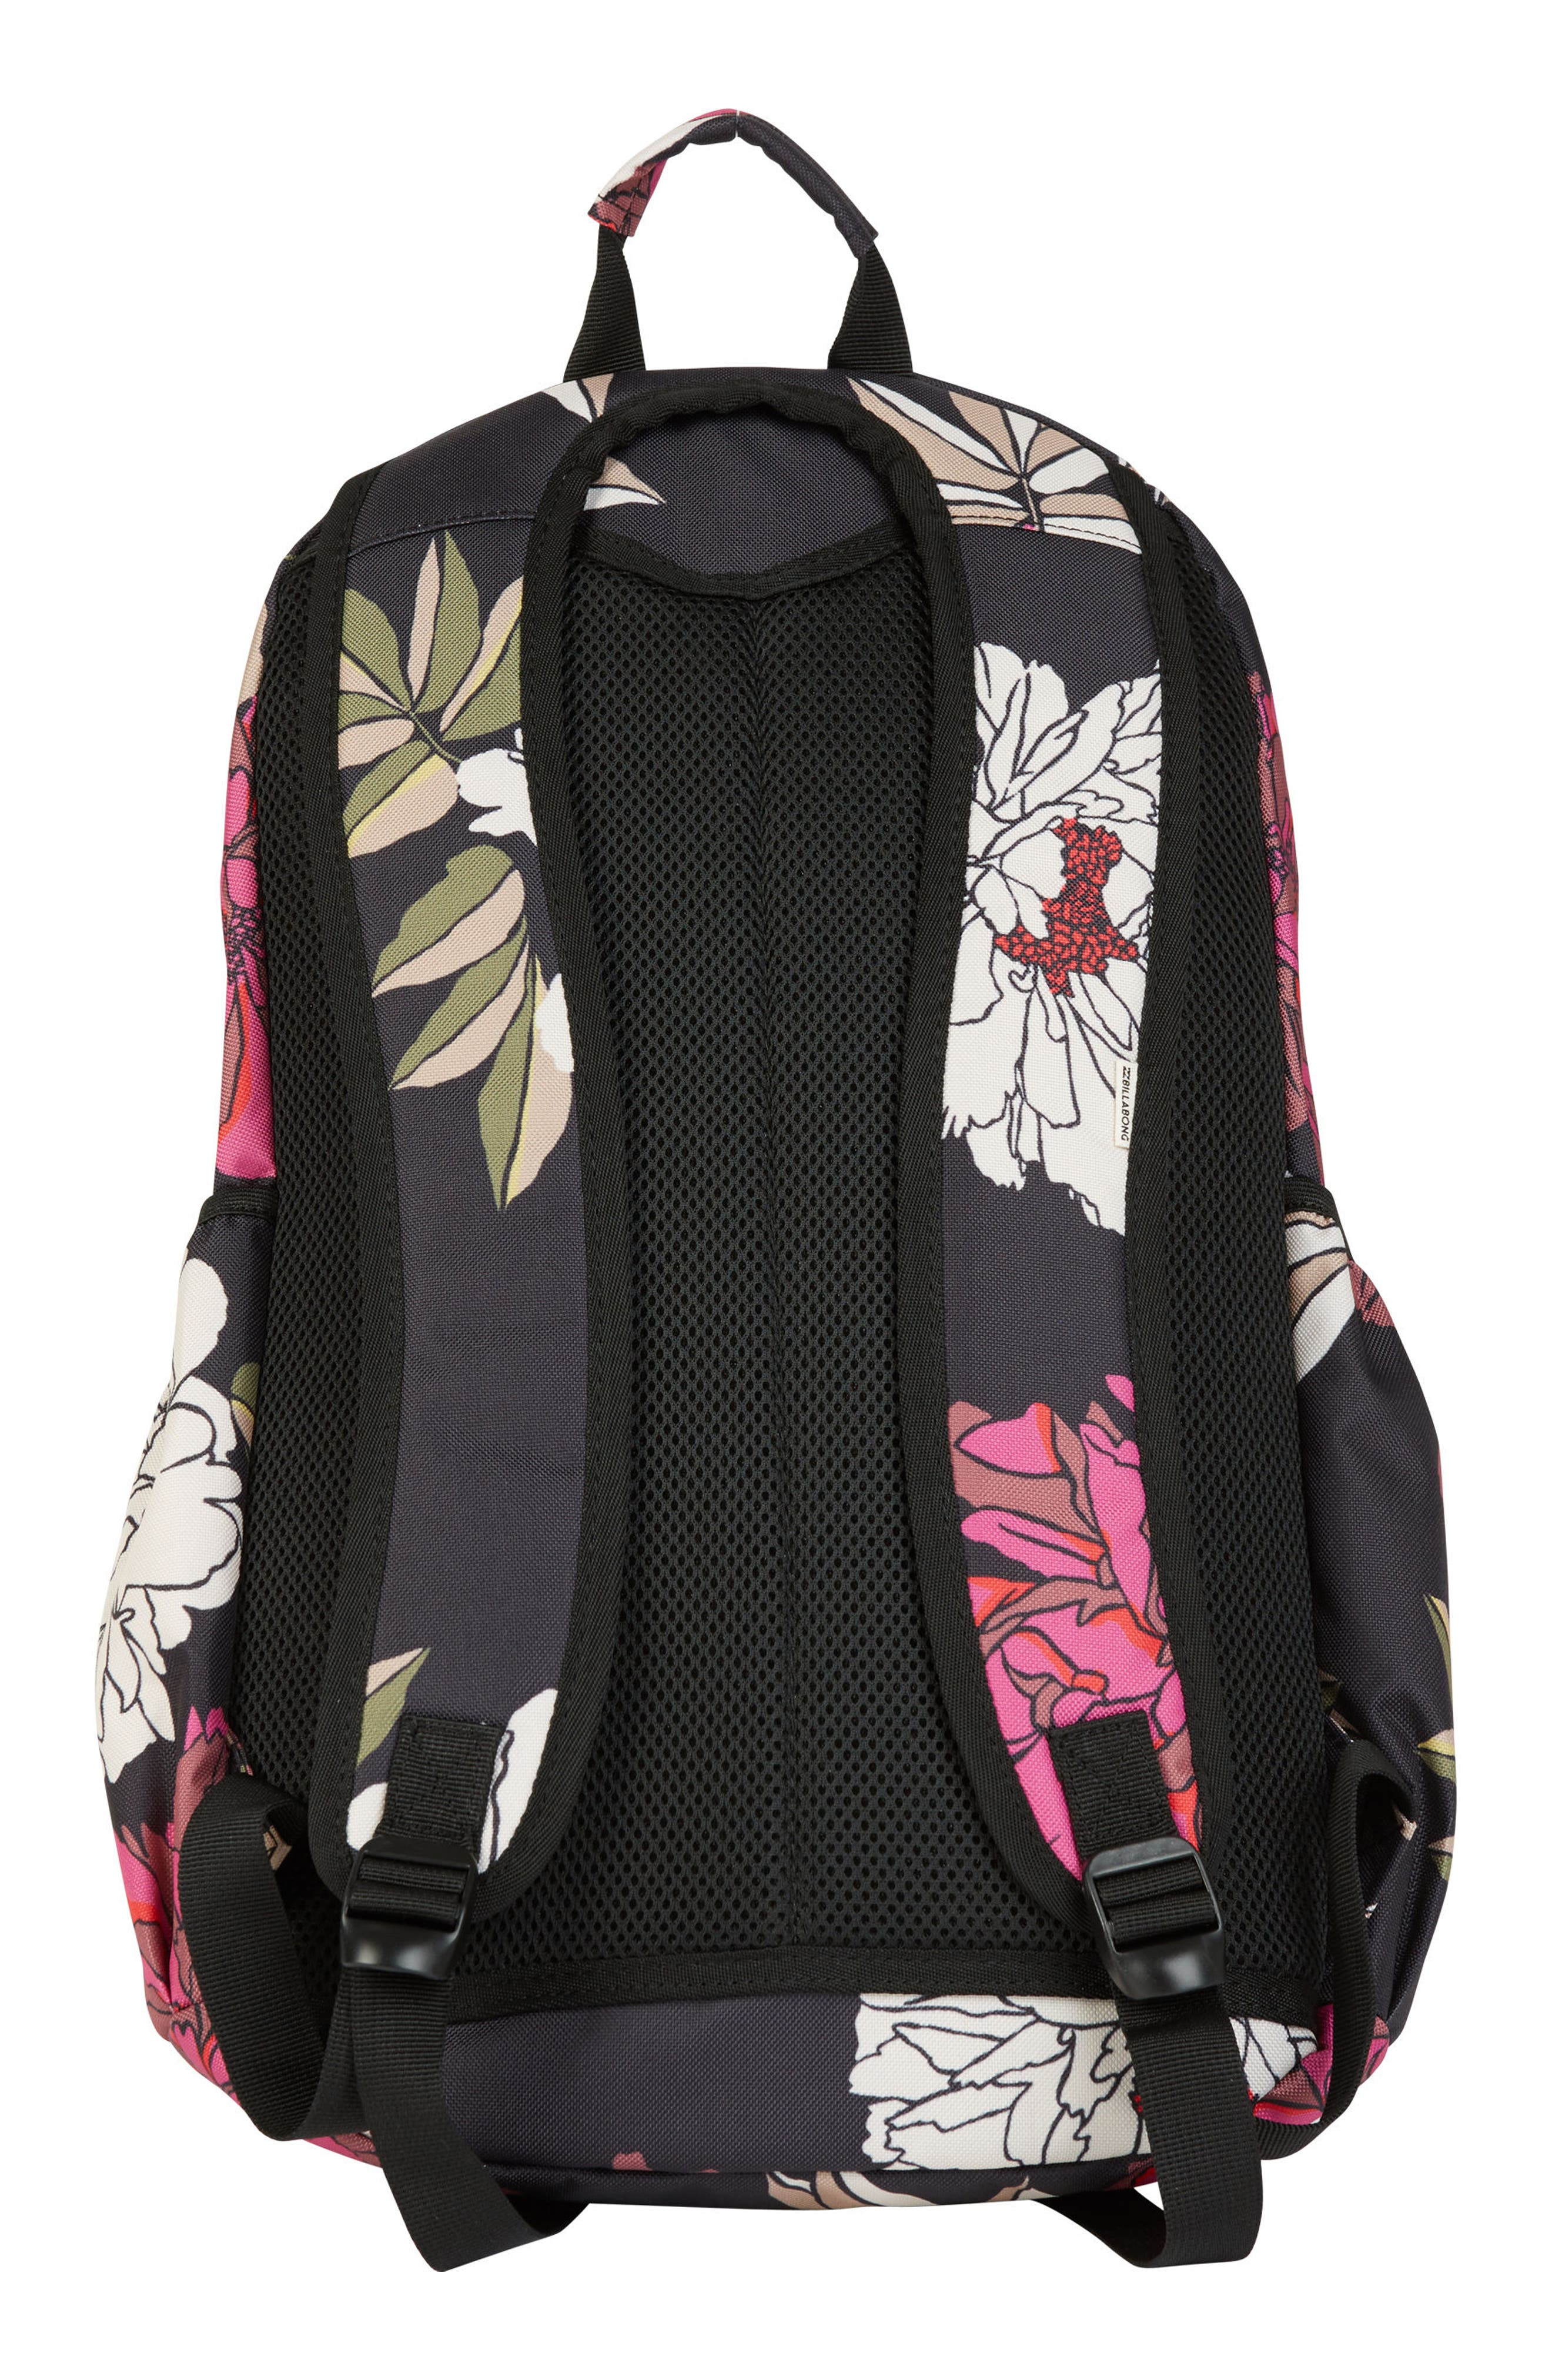 Roadie Backpack,                             Alternate thumbnail 2, color,                             Rebel Pink